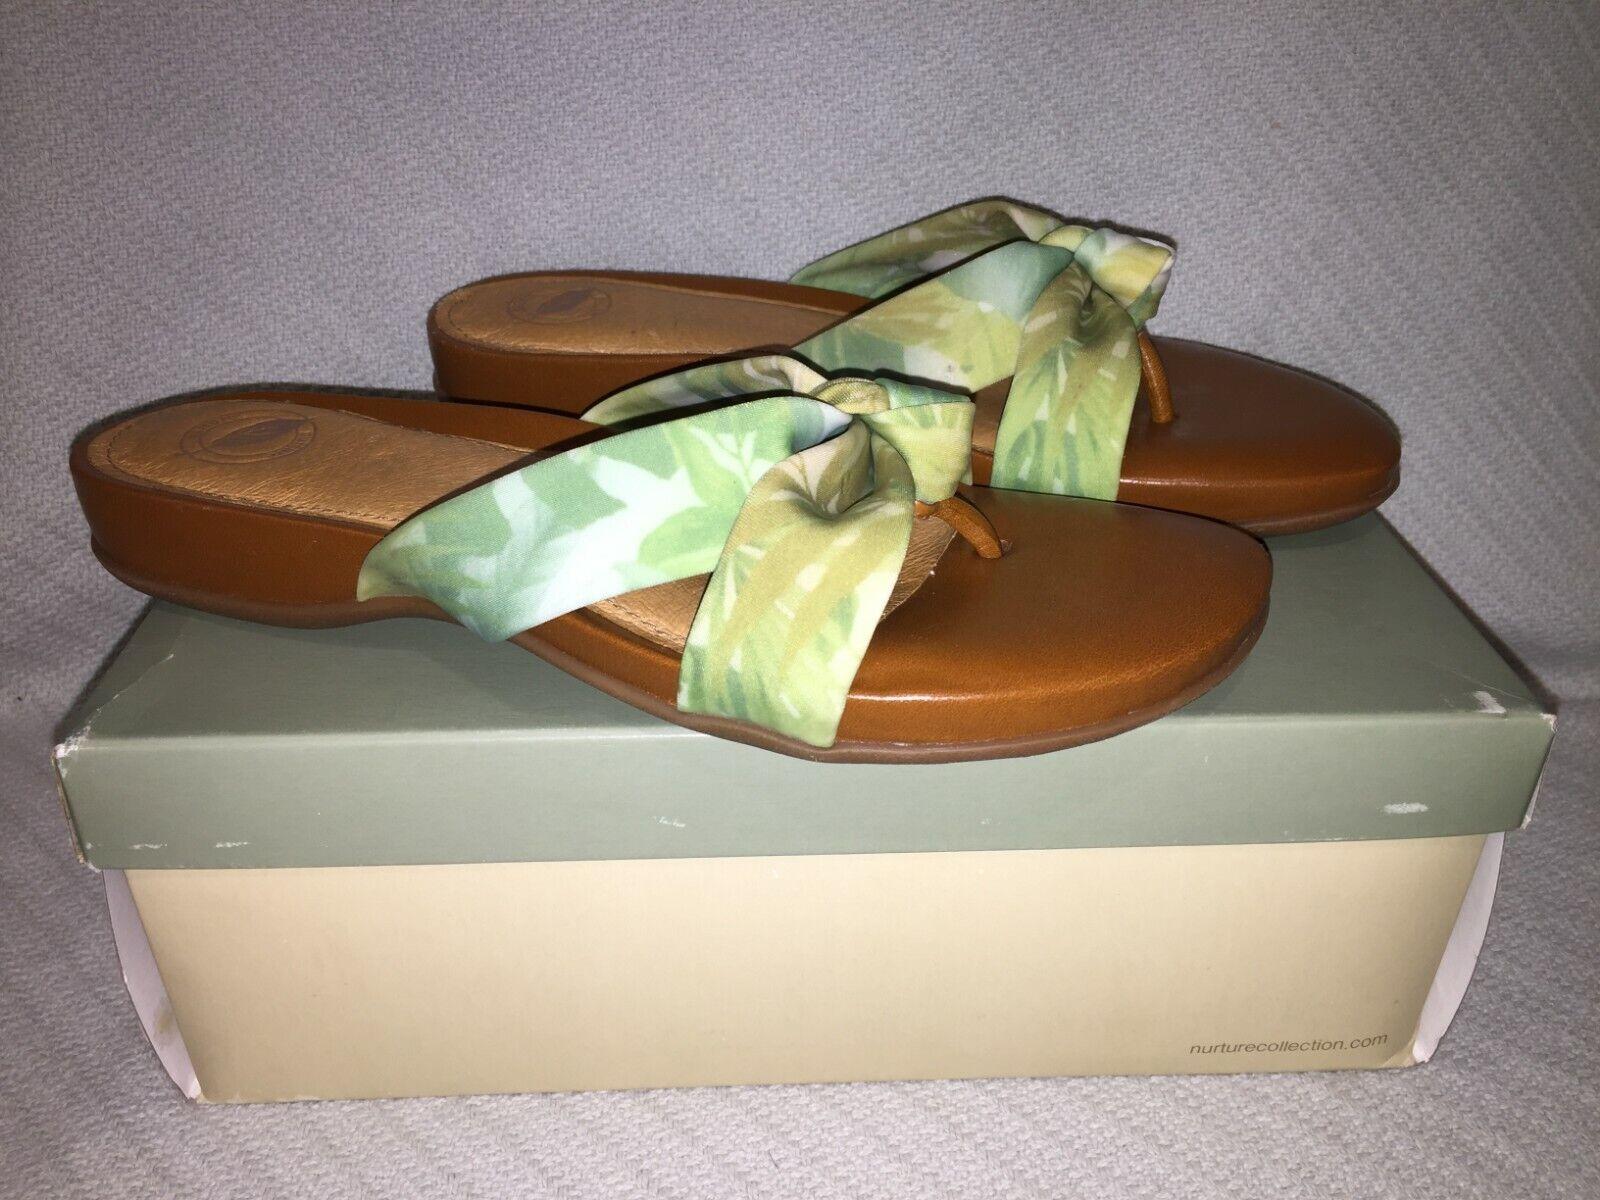 Ladies Dimensione US 9 Nurture Nurture Nurture  Sunset  Flip Flop Sandals verde Honey, Slip on Sandals 975380